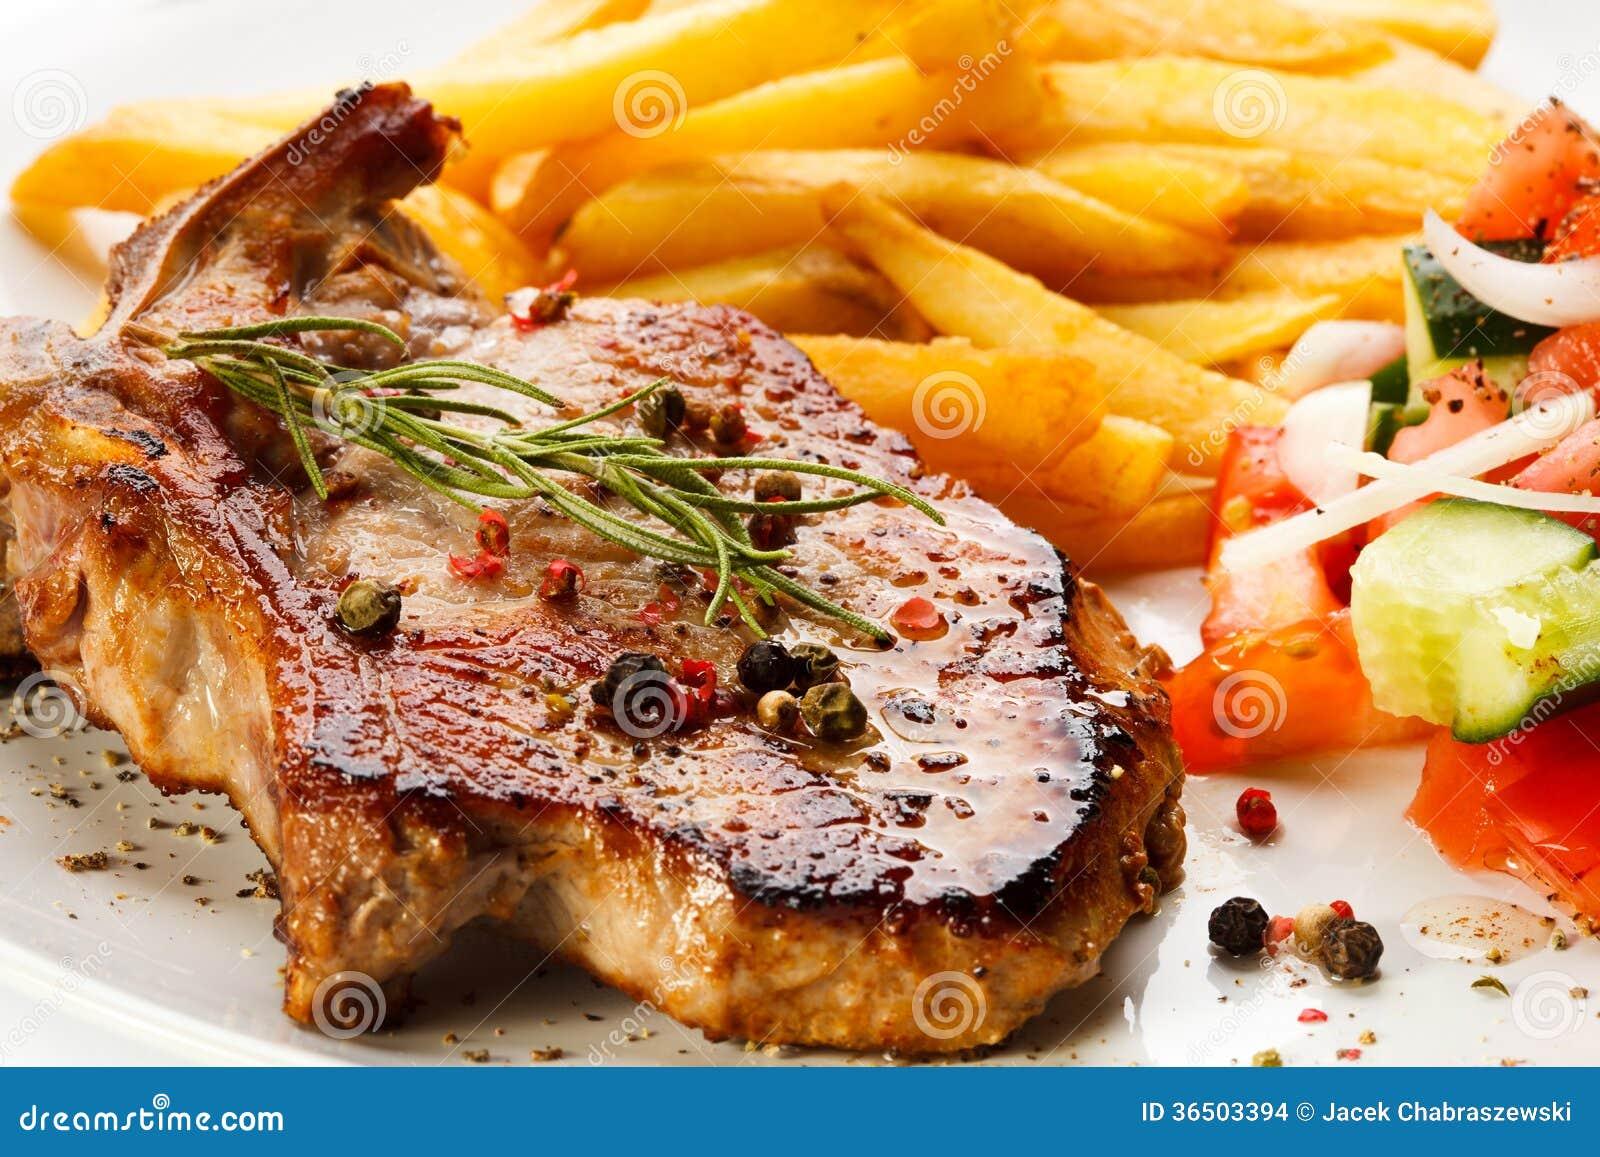 Filetes y patatas fritas asados a la parrilla